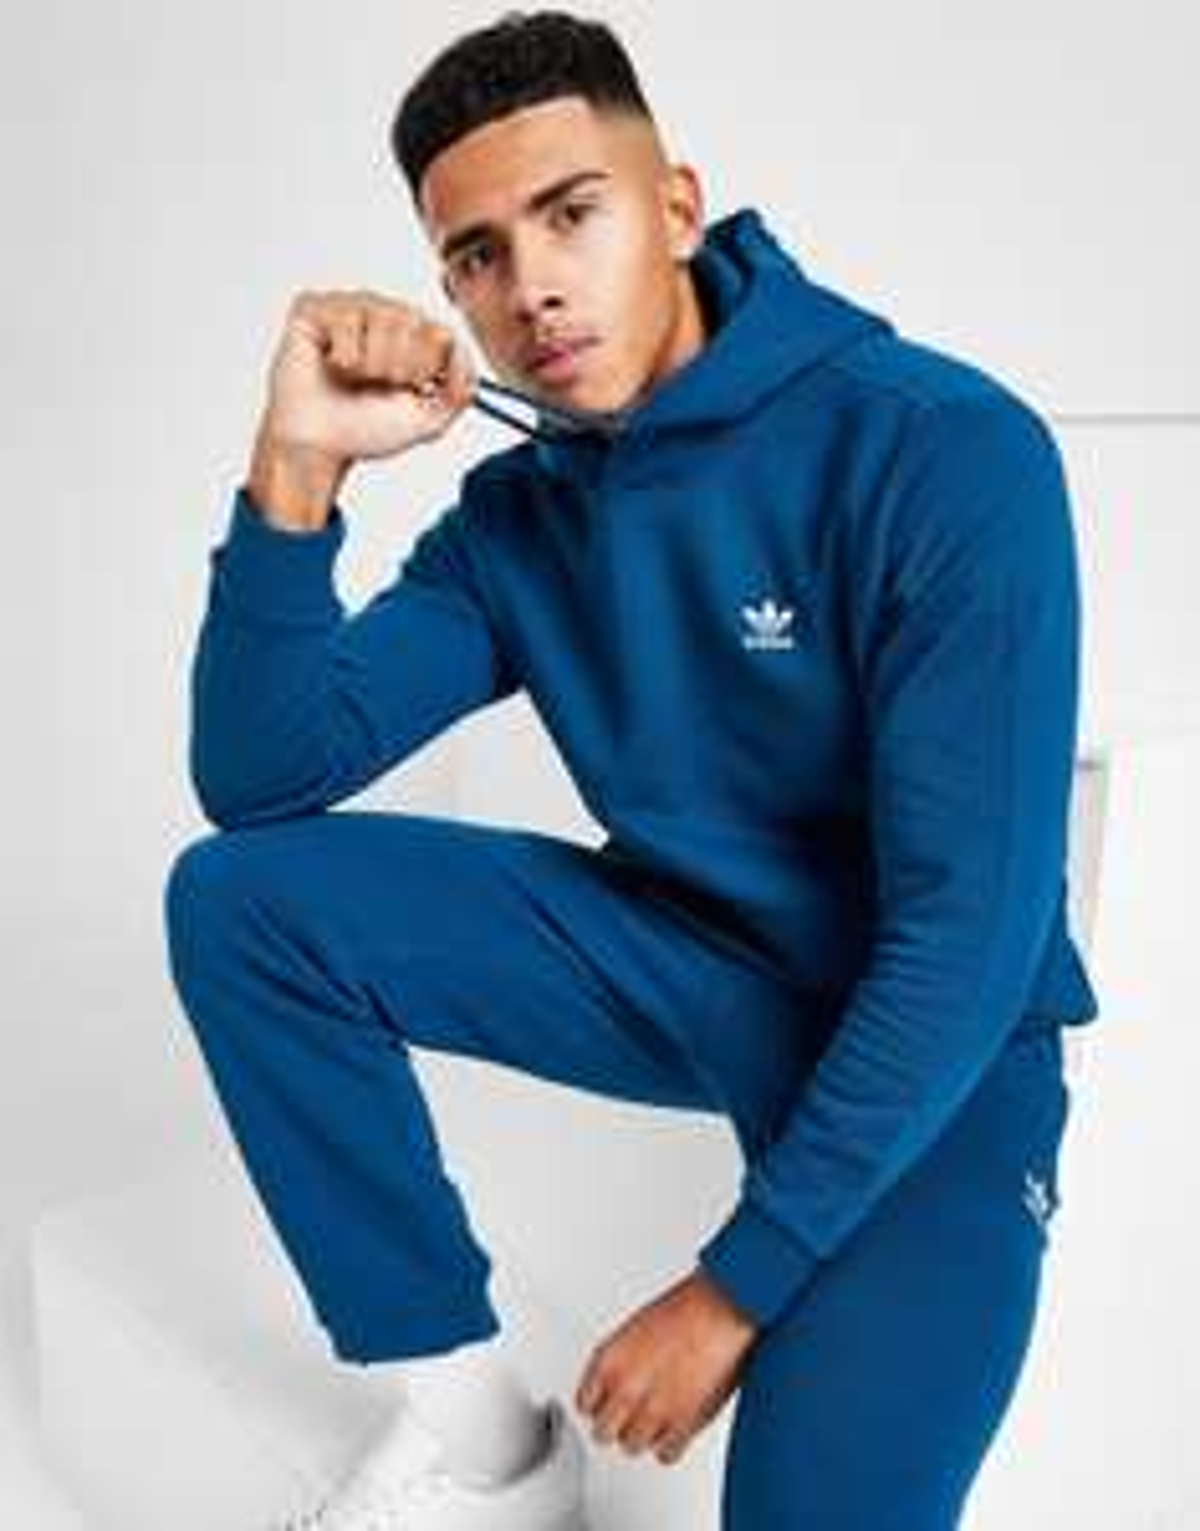 Haut de Survêtement Adidas Core pour Homme - Taille XS